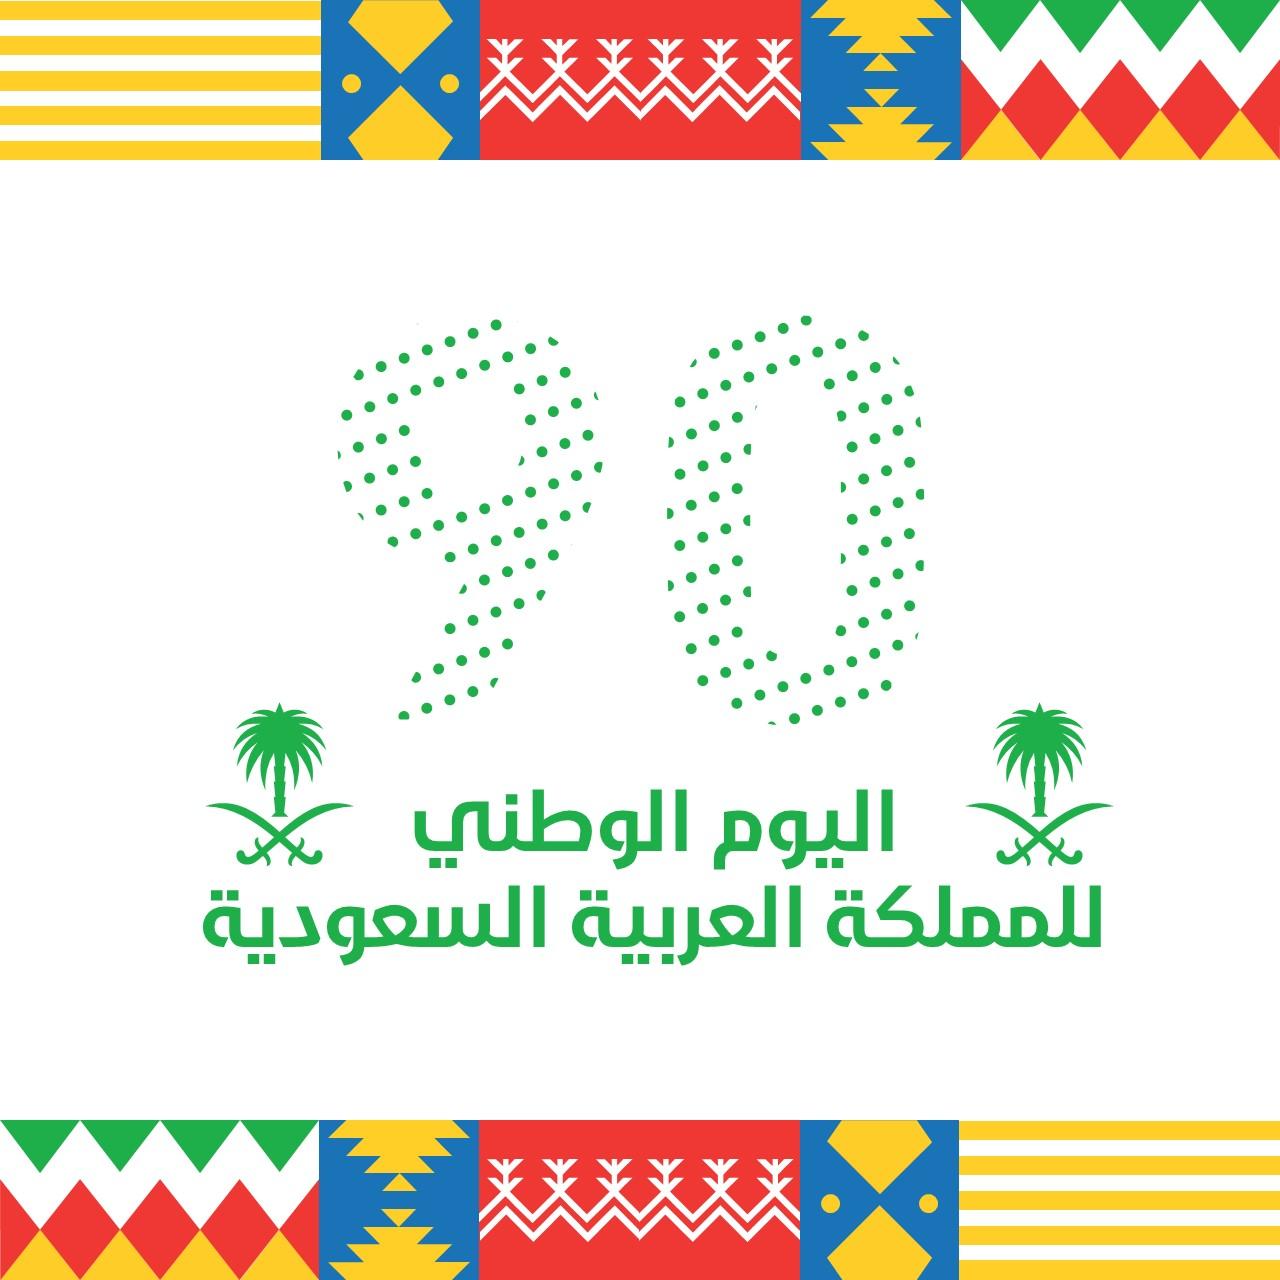 تصميم جاهز عن اليوم الوطني